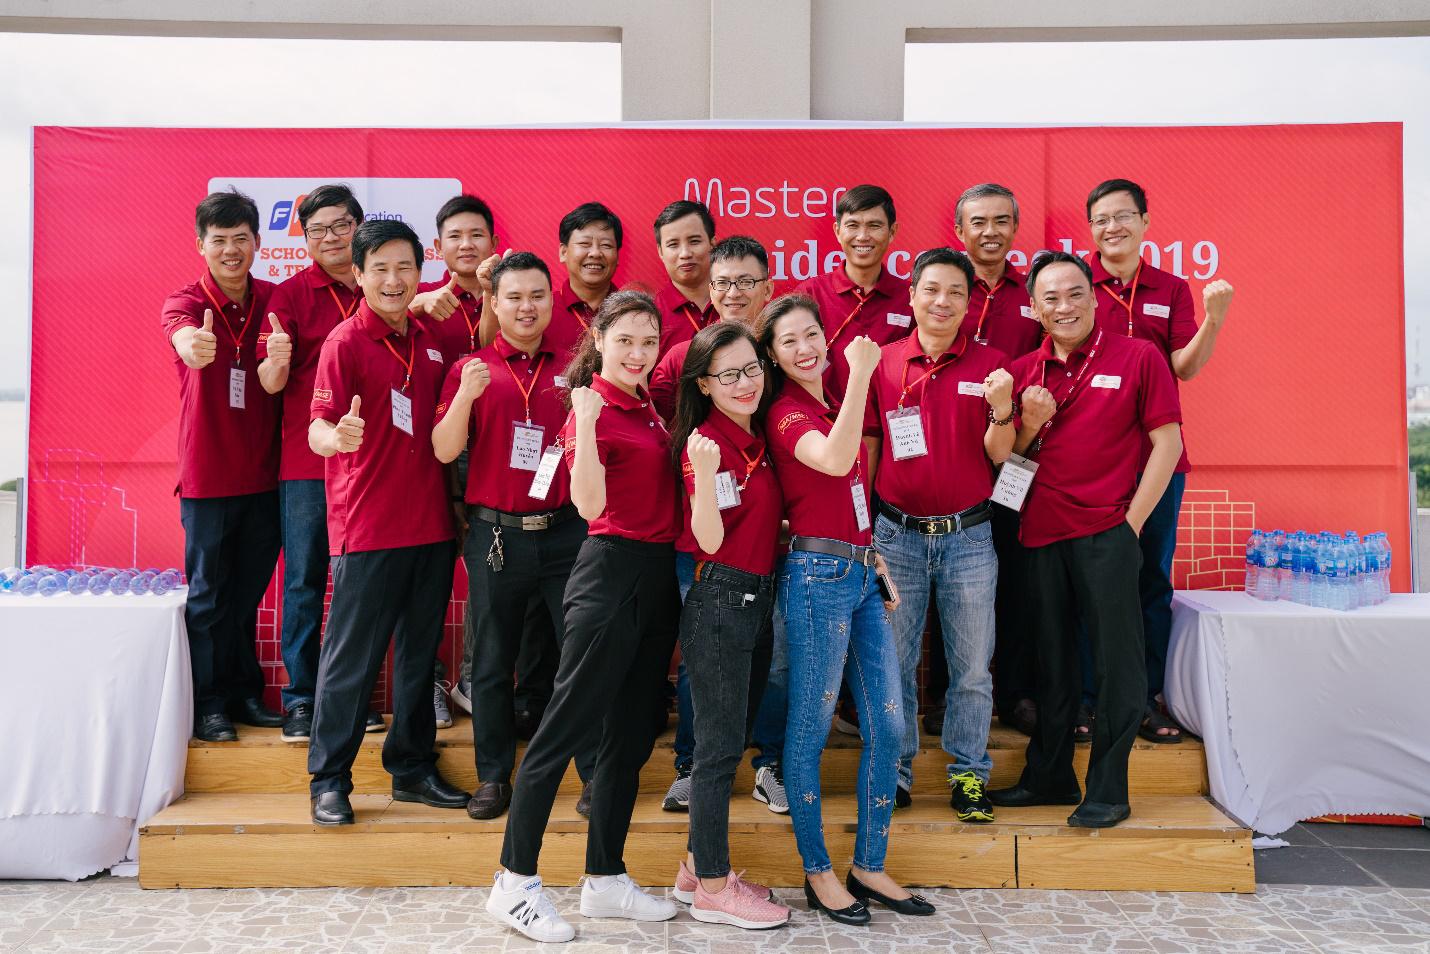 Các nhà quản trị - học viên MBA của FSB khu vực Cần Thơ hào hứng đón mừng Master Residence Week 2019.